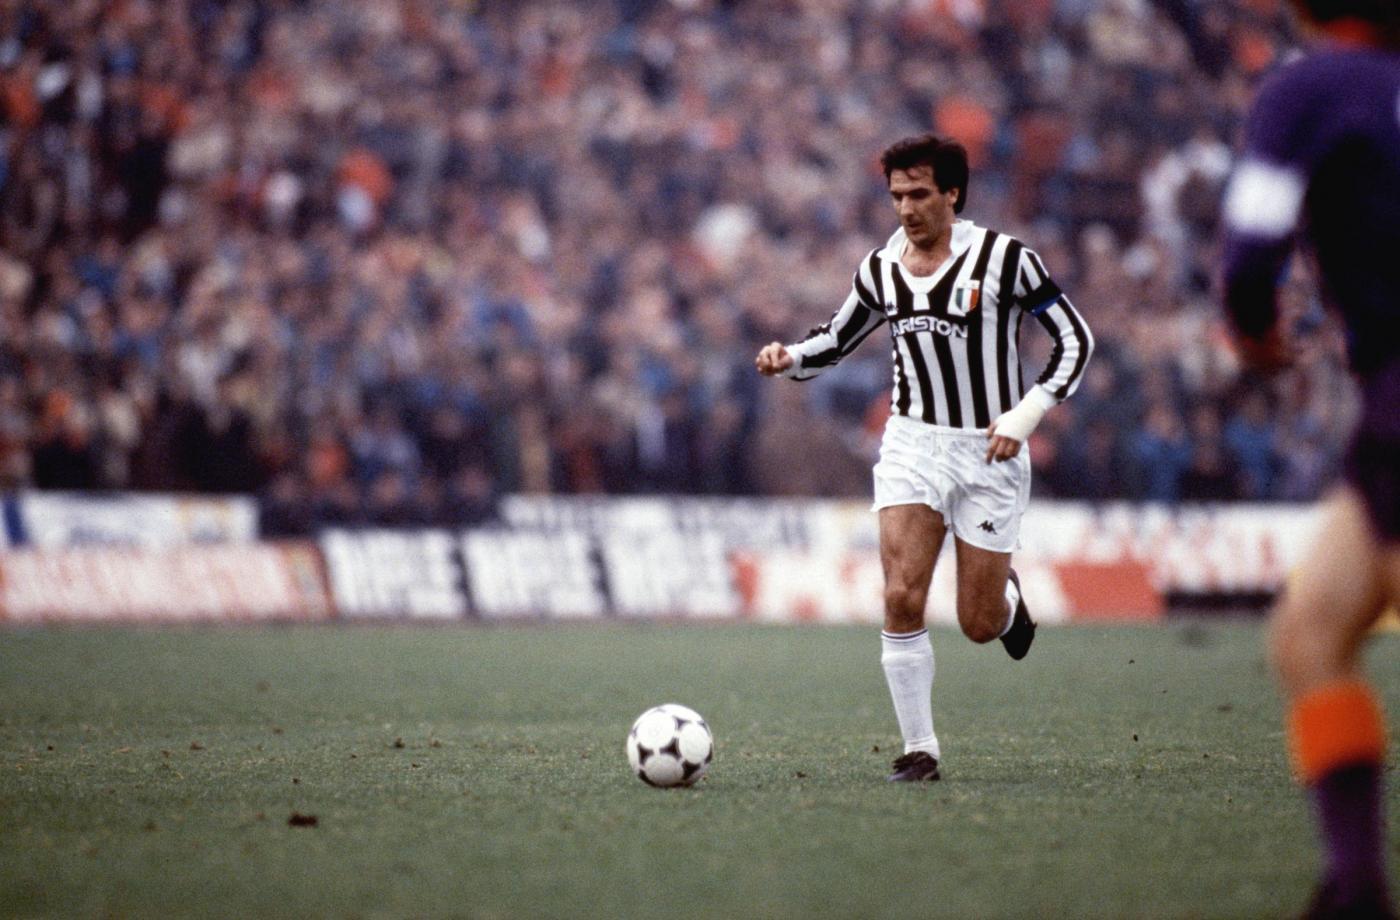 Scirea é um dos melhores jogadores de sempre da Juve